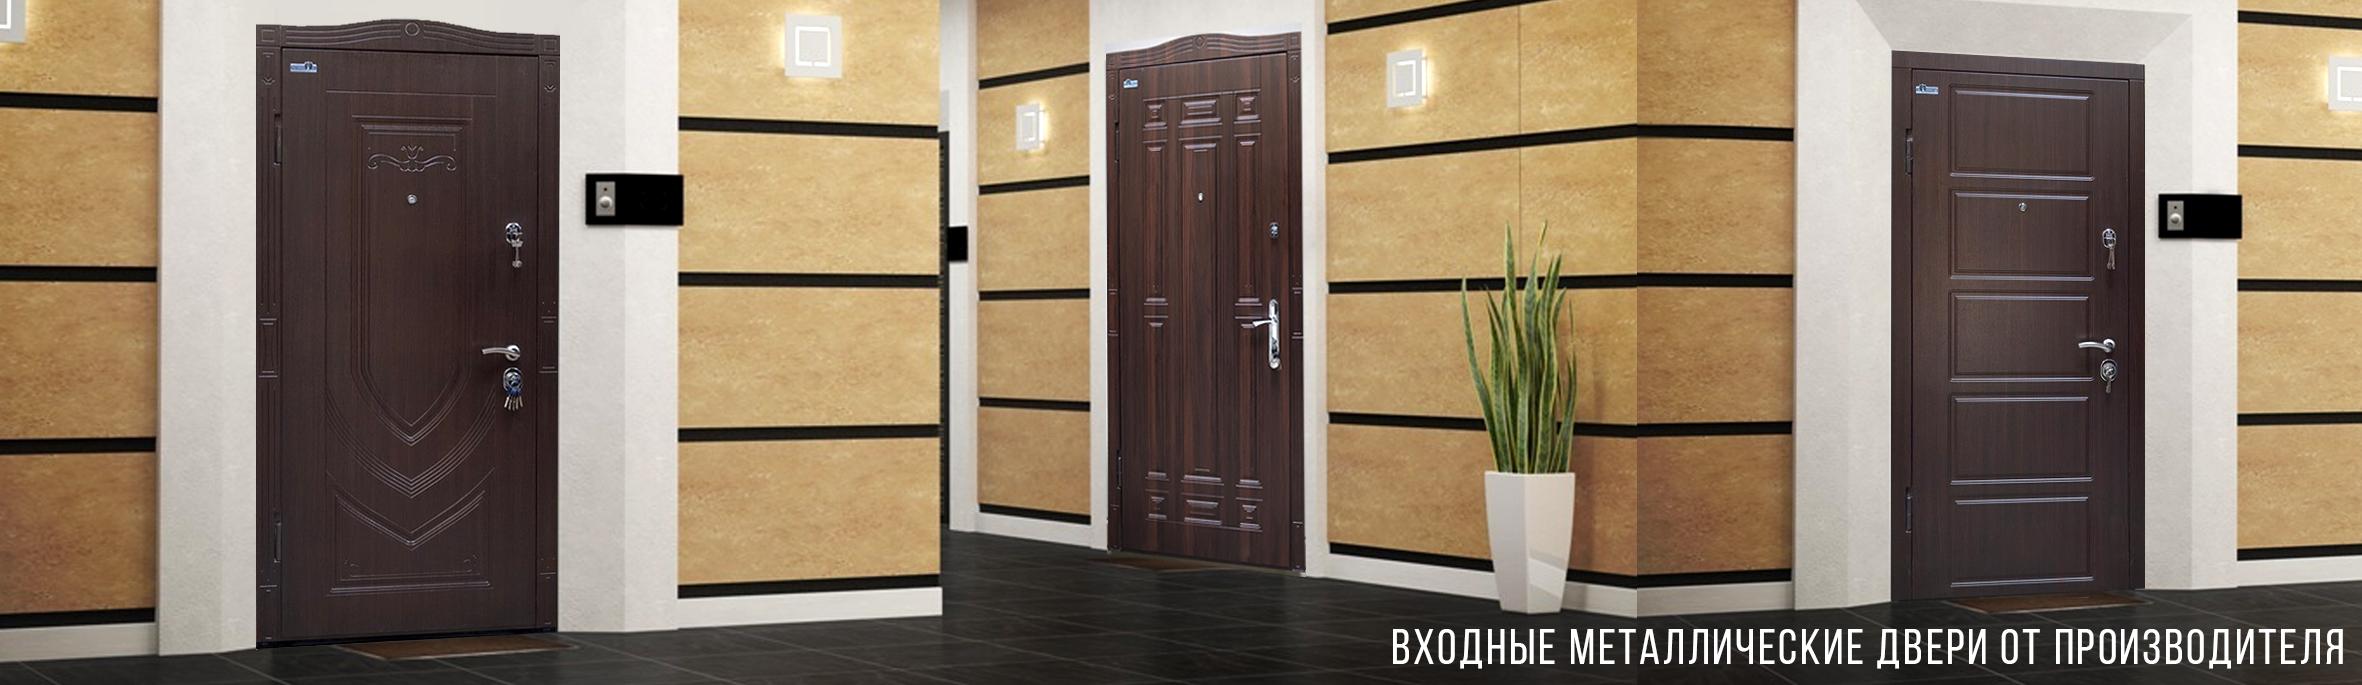 Входные металлические двери в Молдове